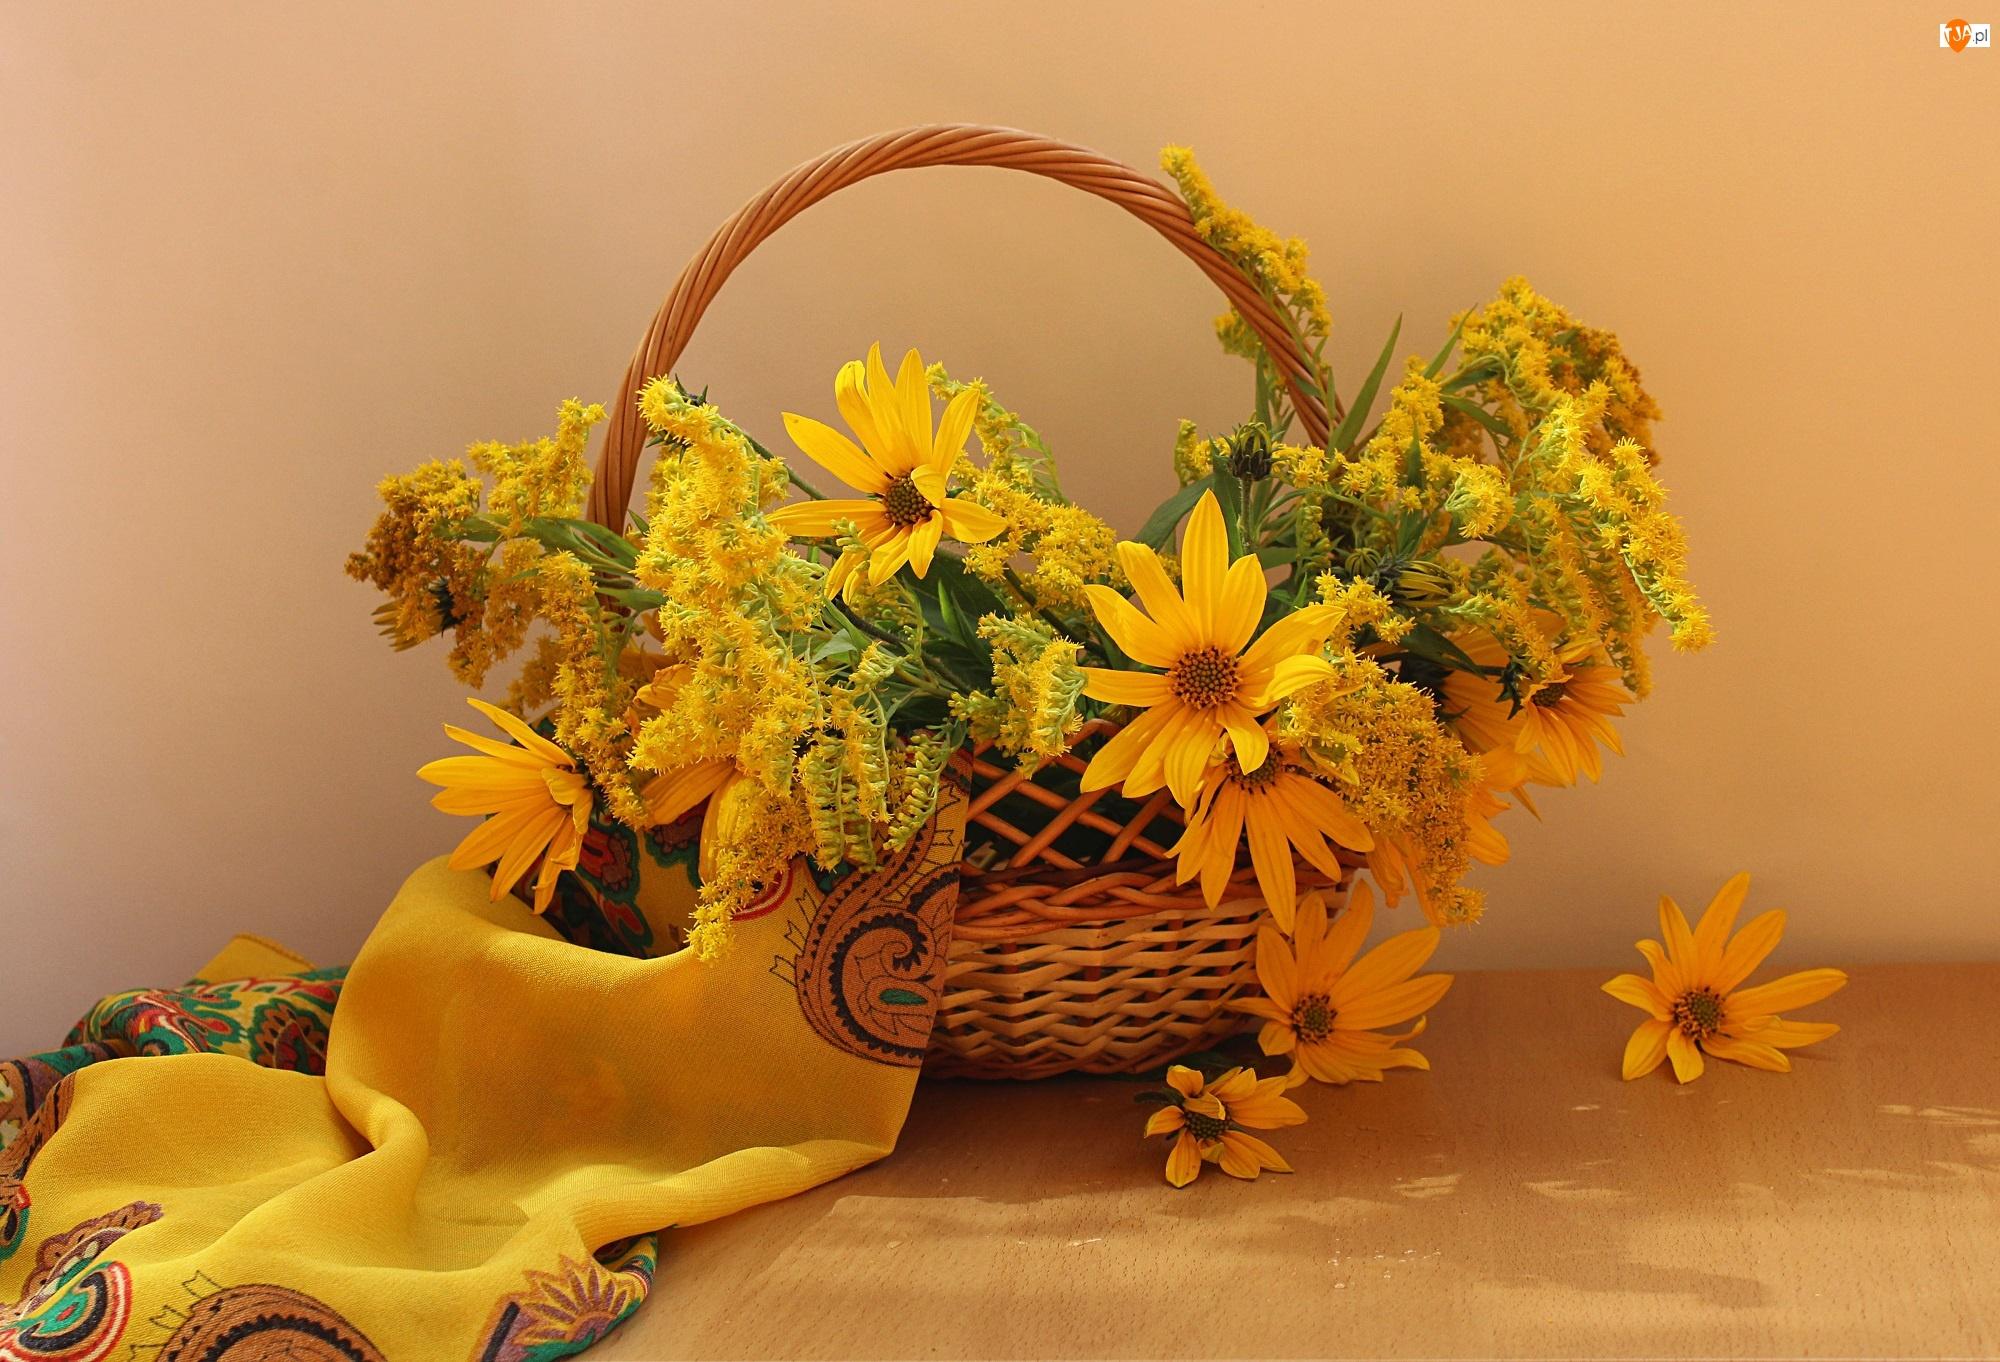 Słoneczniki ozdobne, Koszyk, Bukiet, Kwiaty, Nawłoć